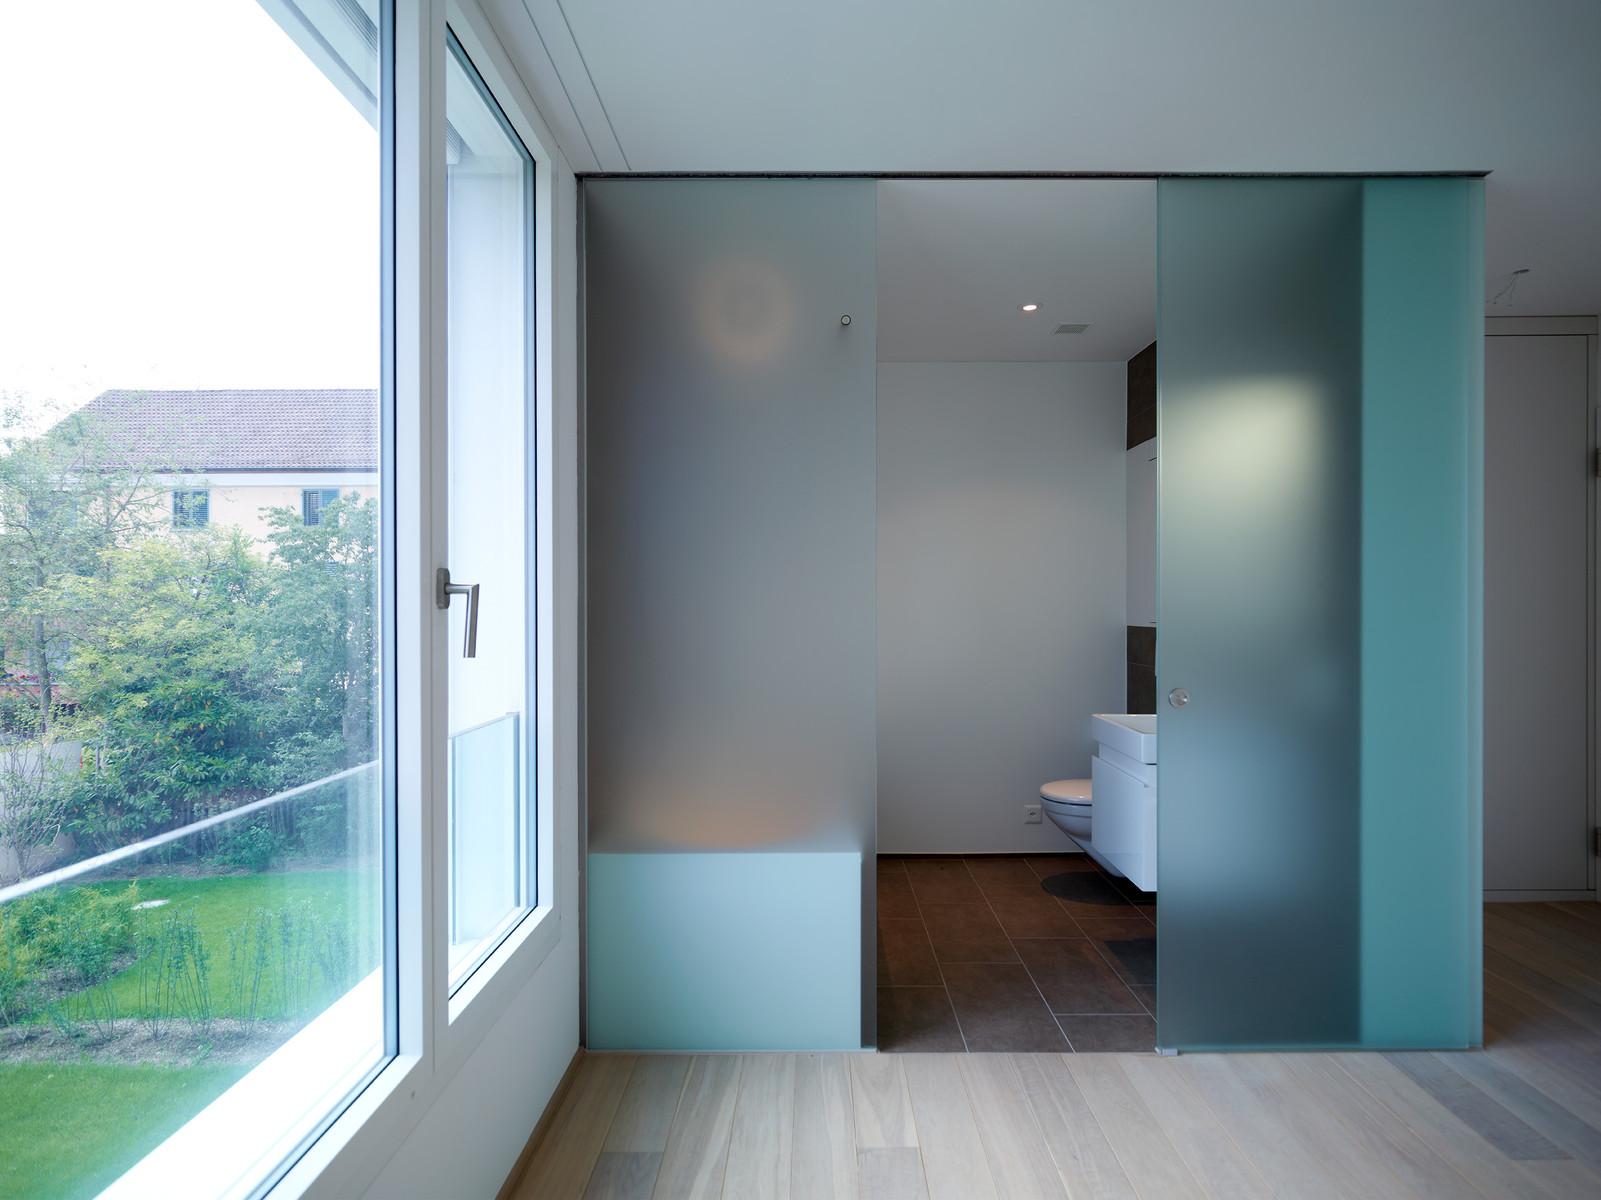 nasszelle ade das wohnbad zieht ein news glasvetia. Black Bedroom Furniture Sets. Home Design Ideas